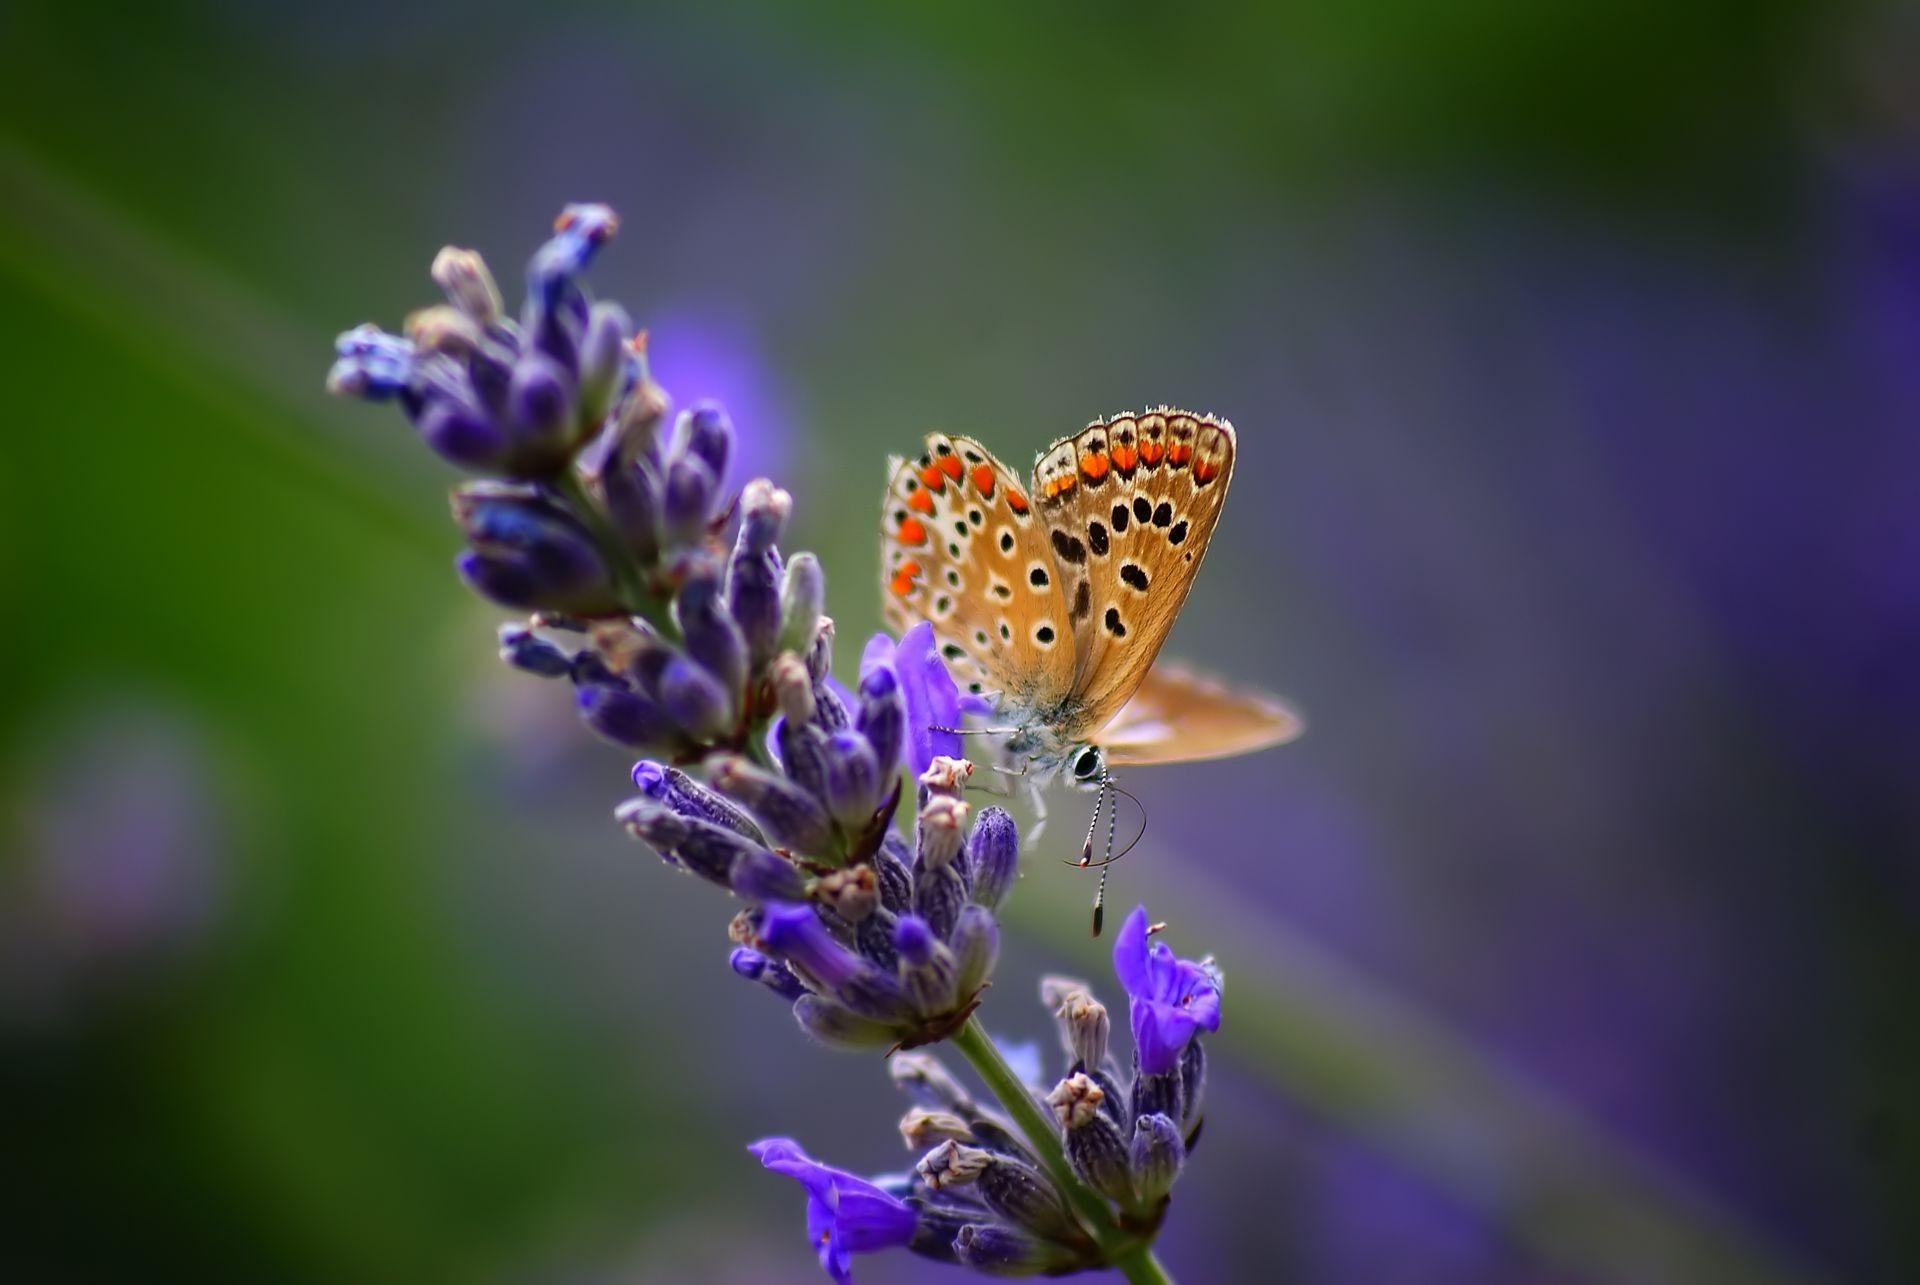 Обои насекомое, цветы. Природа foto 11